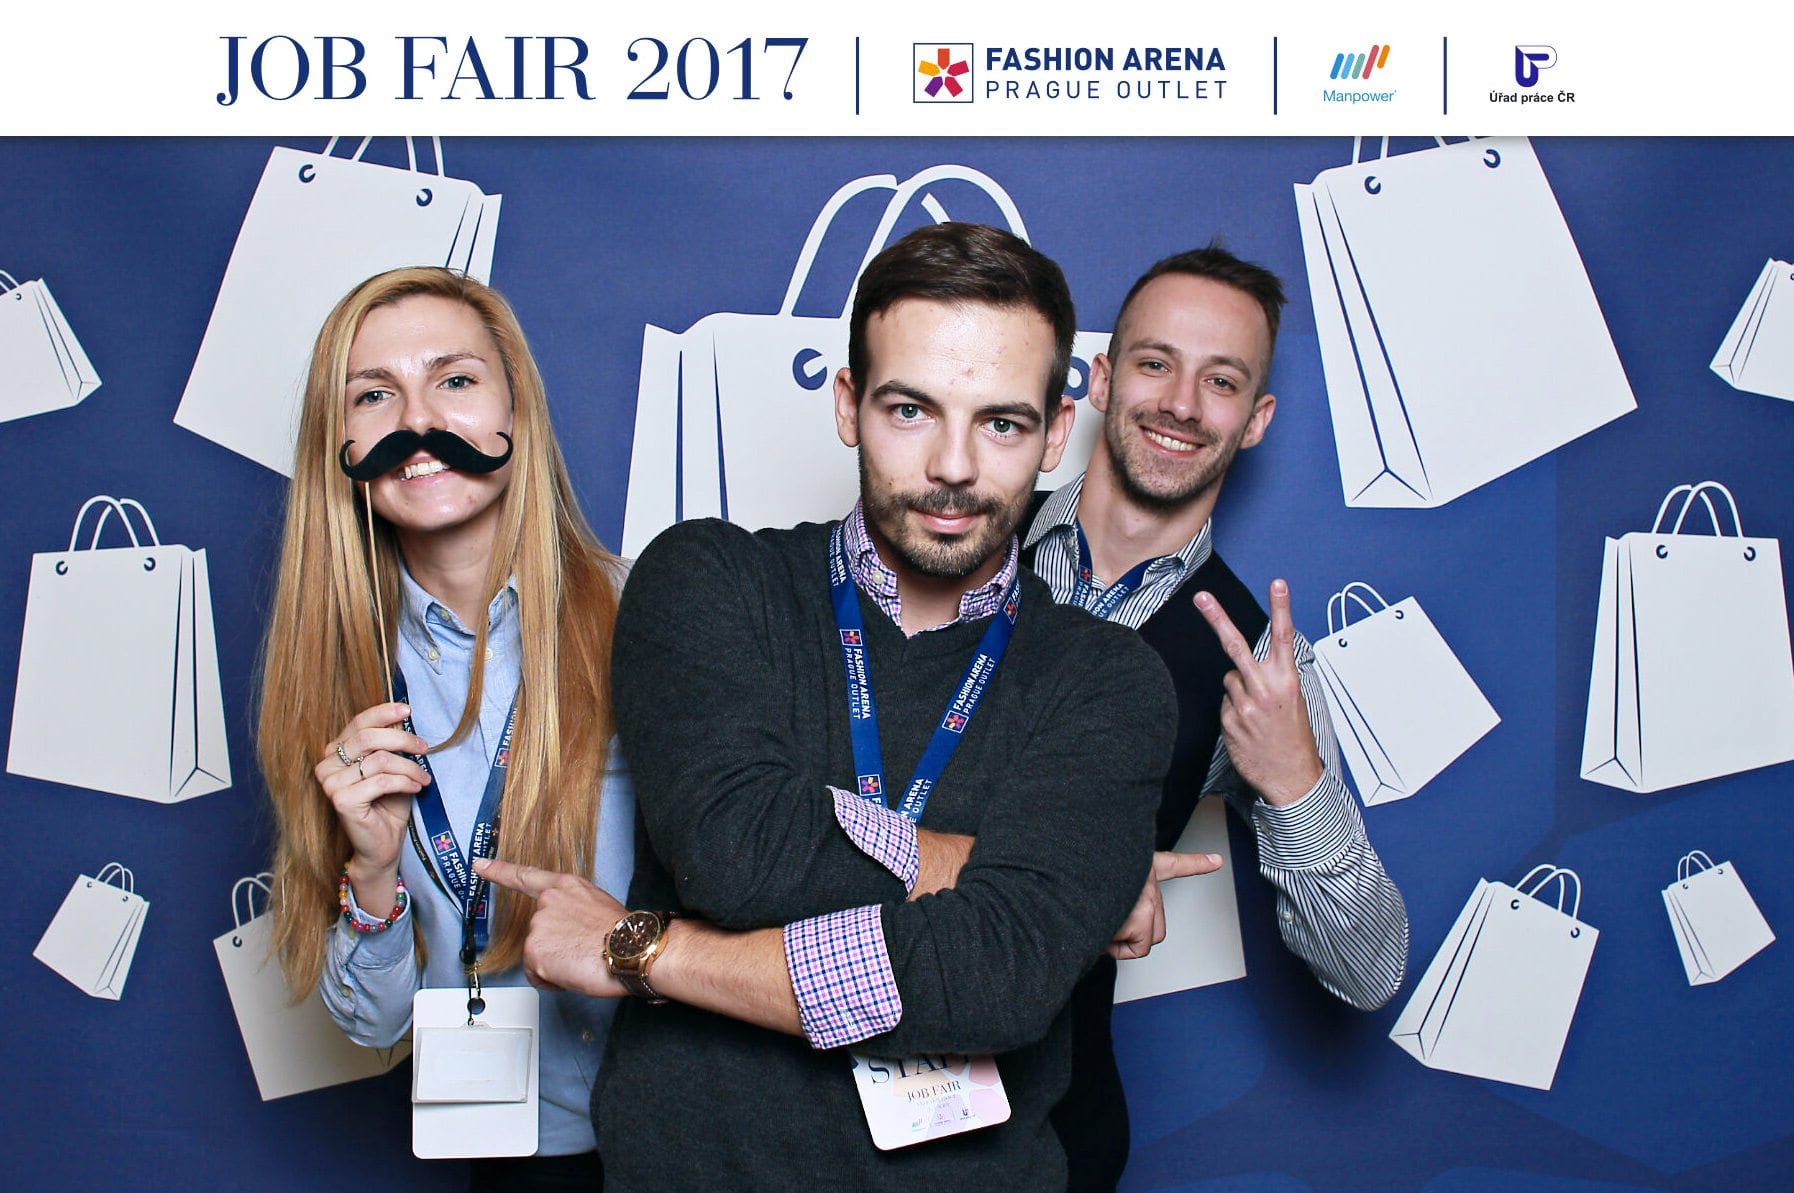 fotokoutek-fashion-arena-6-10-2017-324033